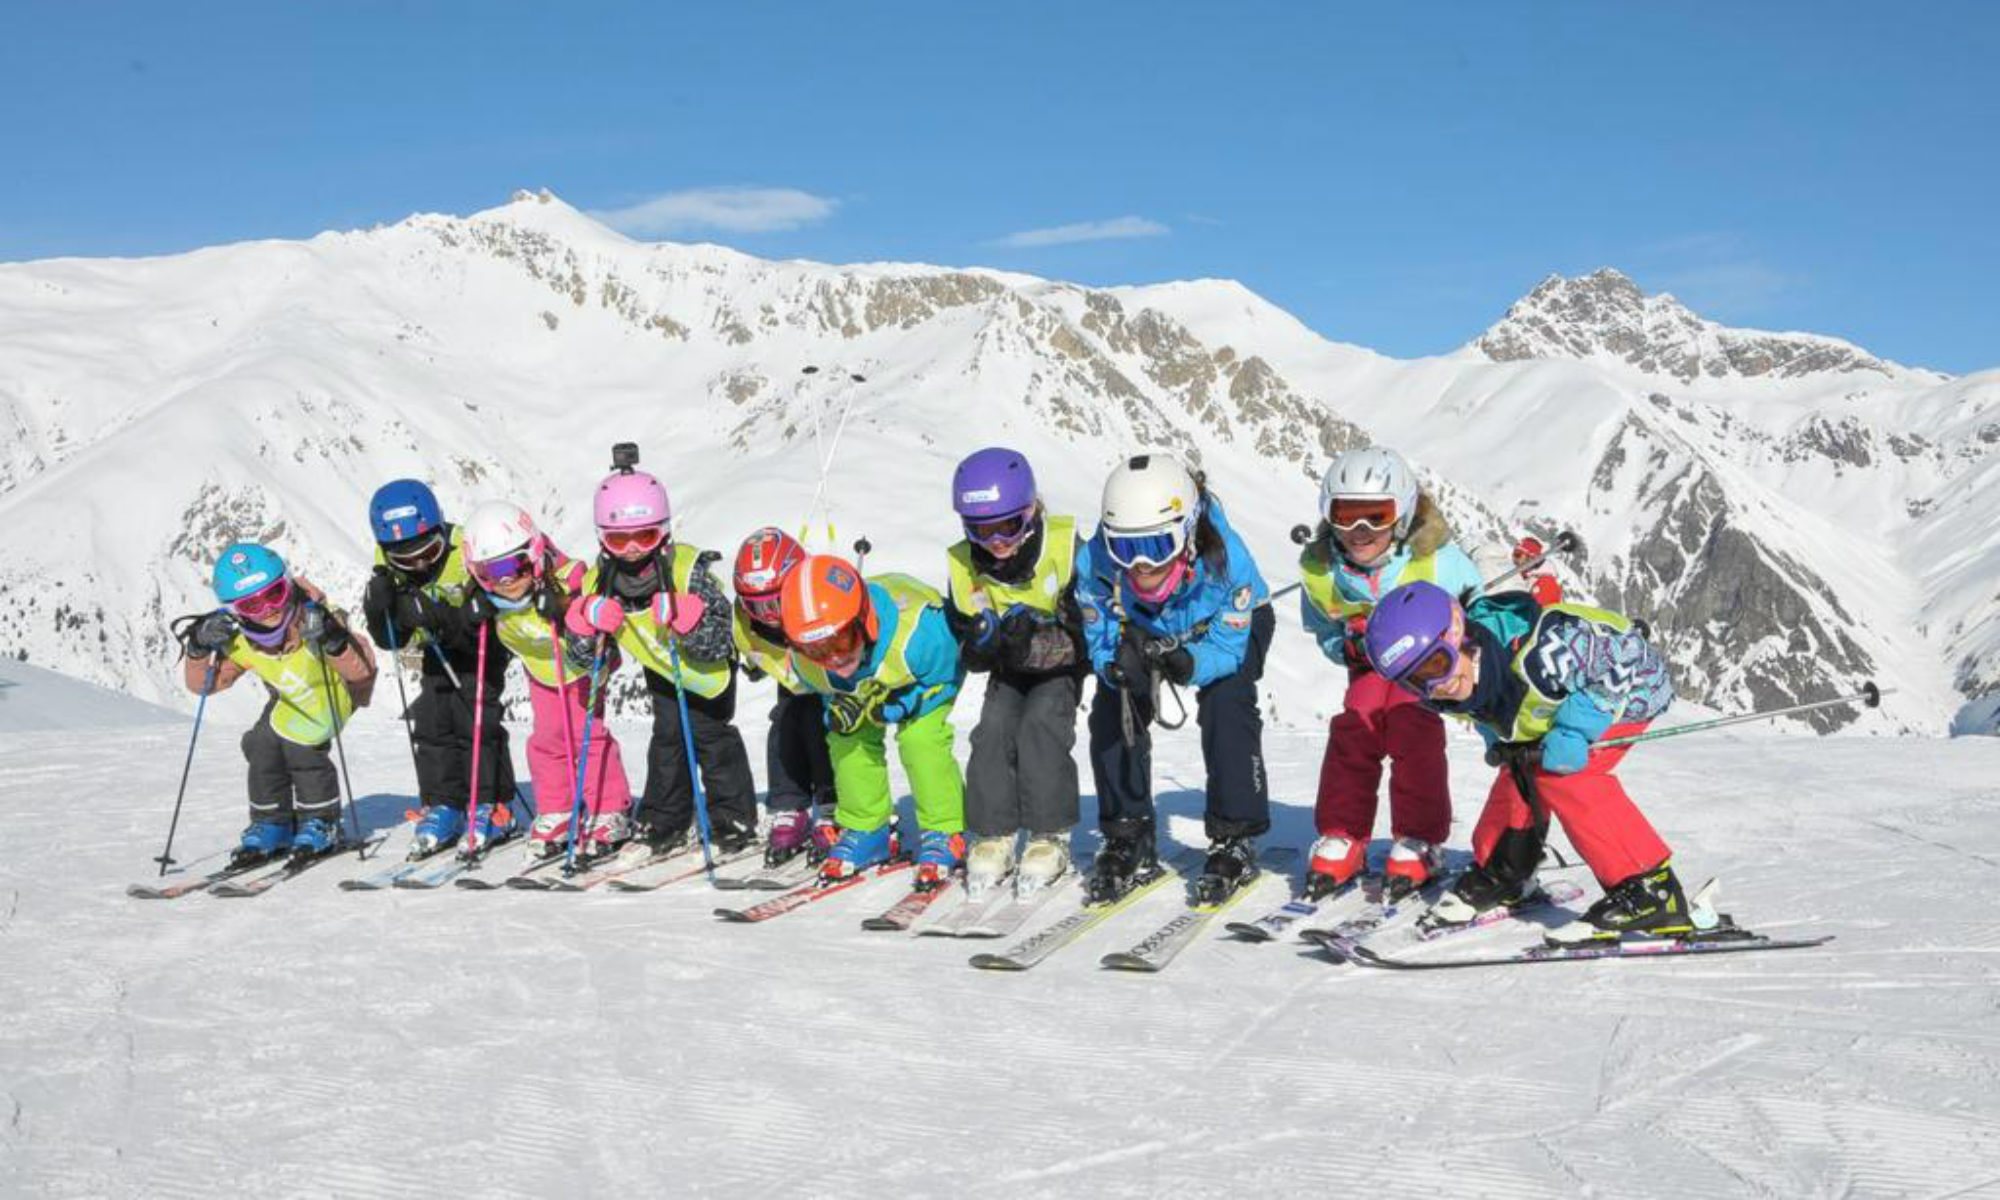 Eine fröhliche Kindergruppe beim Skikurs im Skigebiet Livigno.